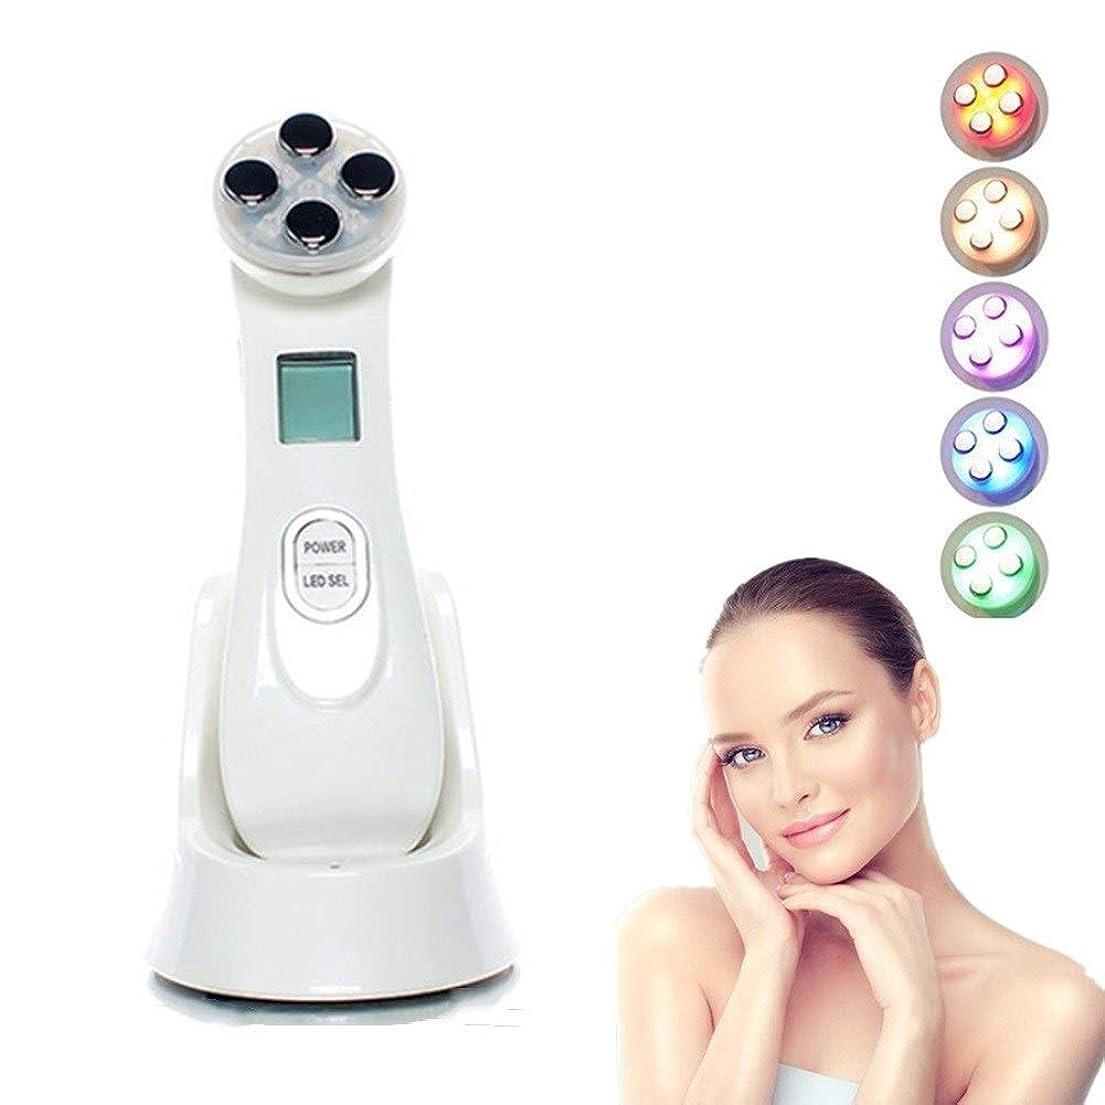 道を作るイノセンス伝記美の器械、顔機械および1つの赤いLED光線療法に付き5つおよび6つのモード顔のマッサージャーのスキンケアの顔の洗剤のアンチエイジング